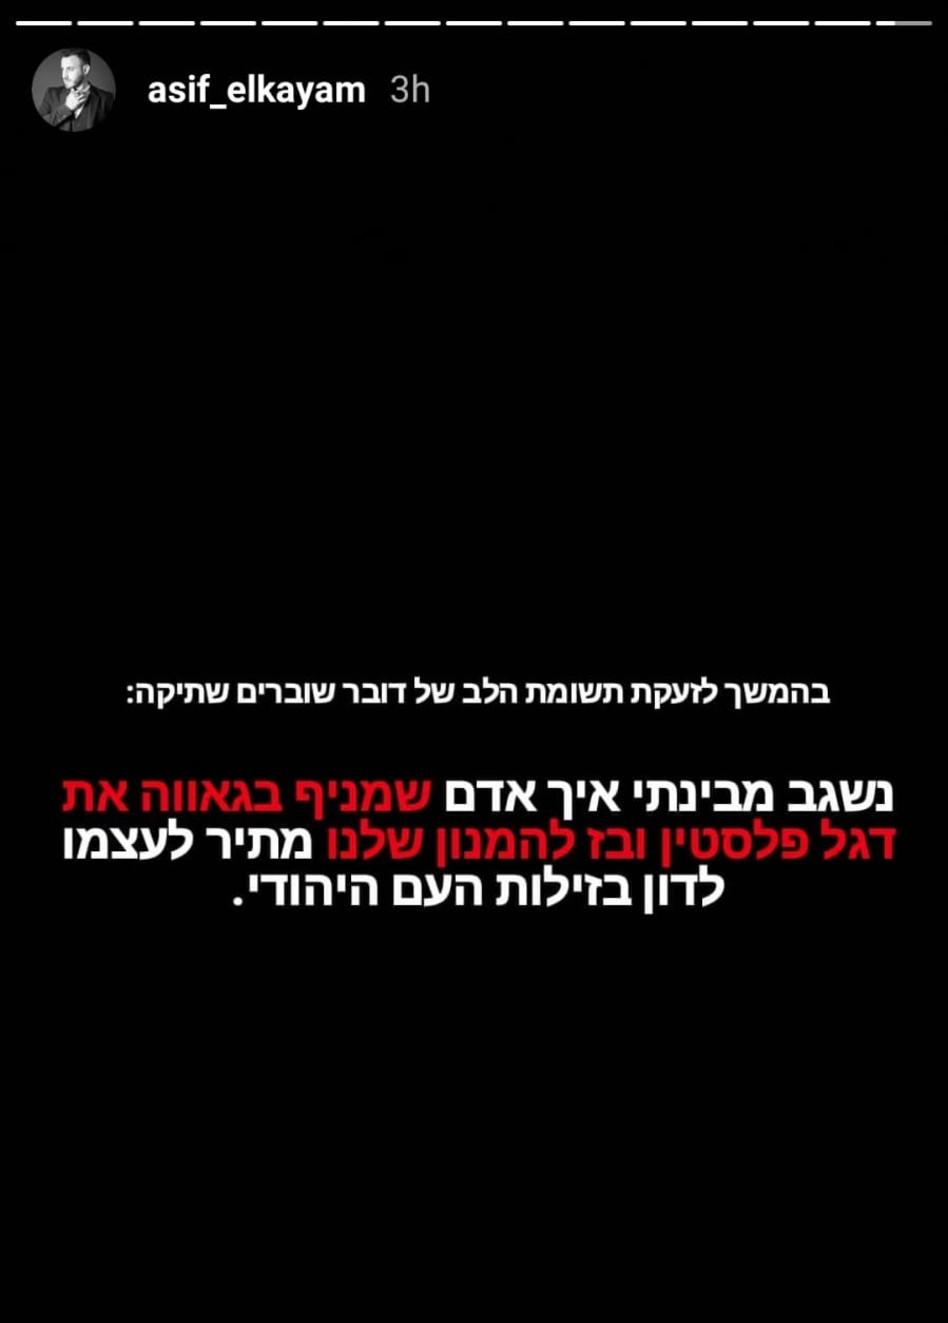 אסיף אלקיים מגיב לדבריו של ניר אבישי כהן (צילום: צילום מסך אינסטגרם)